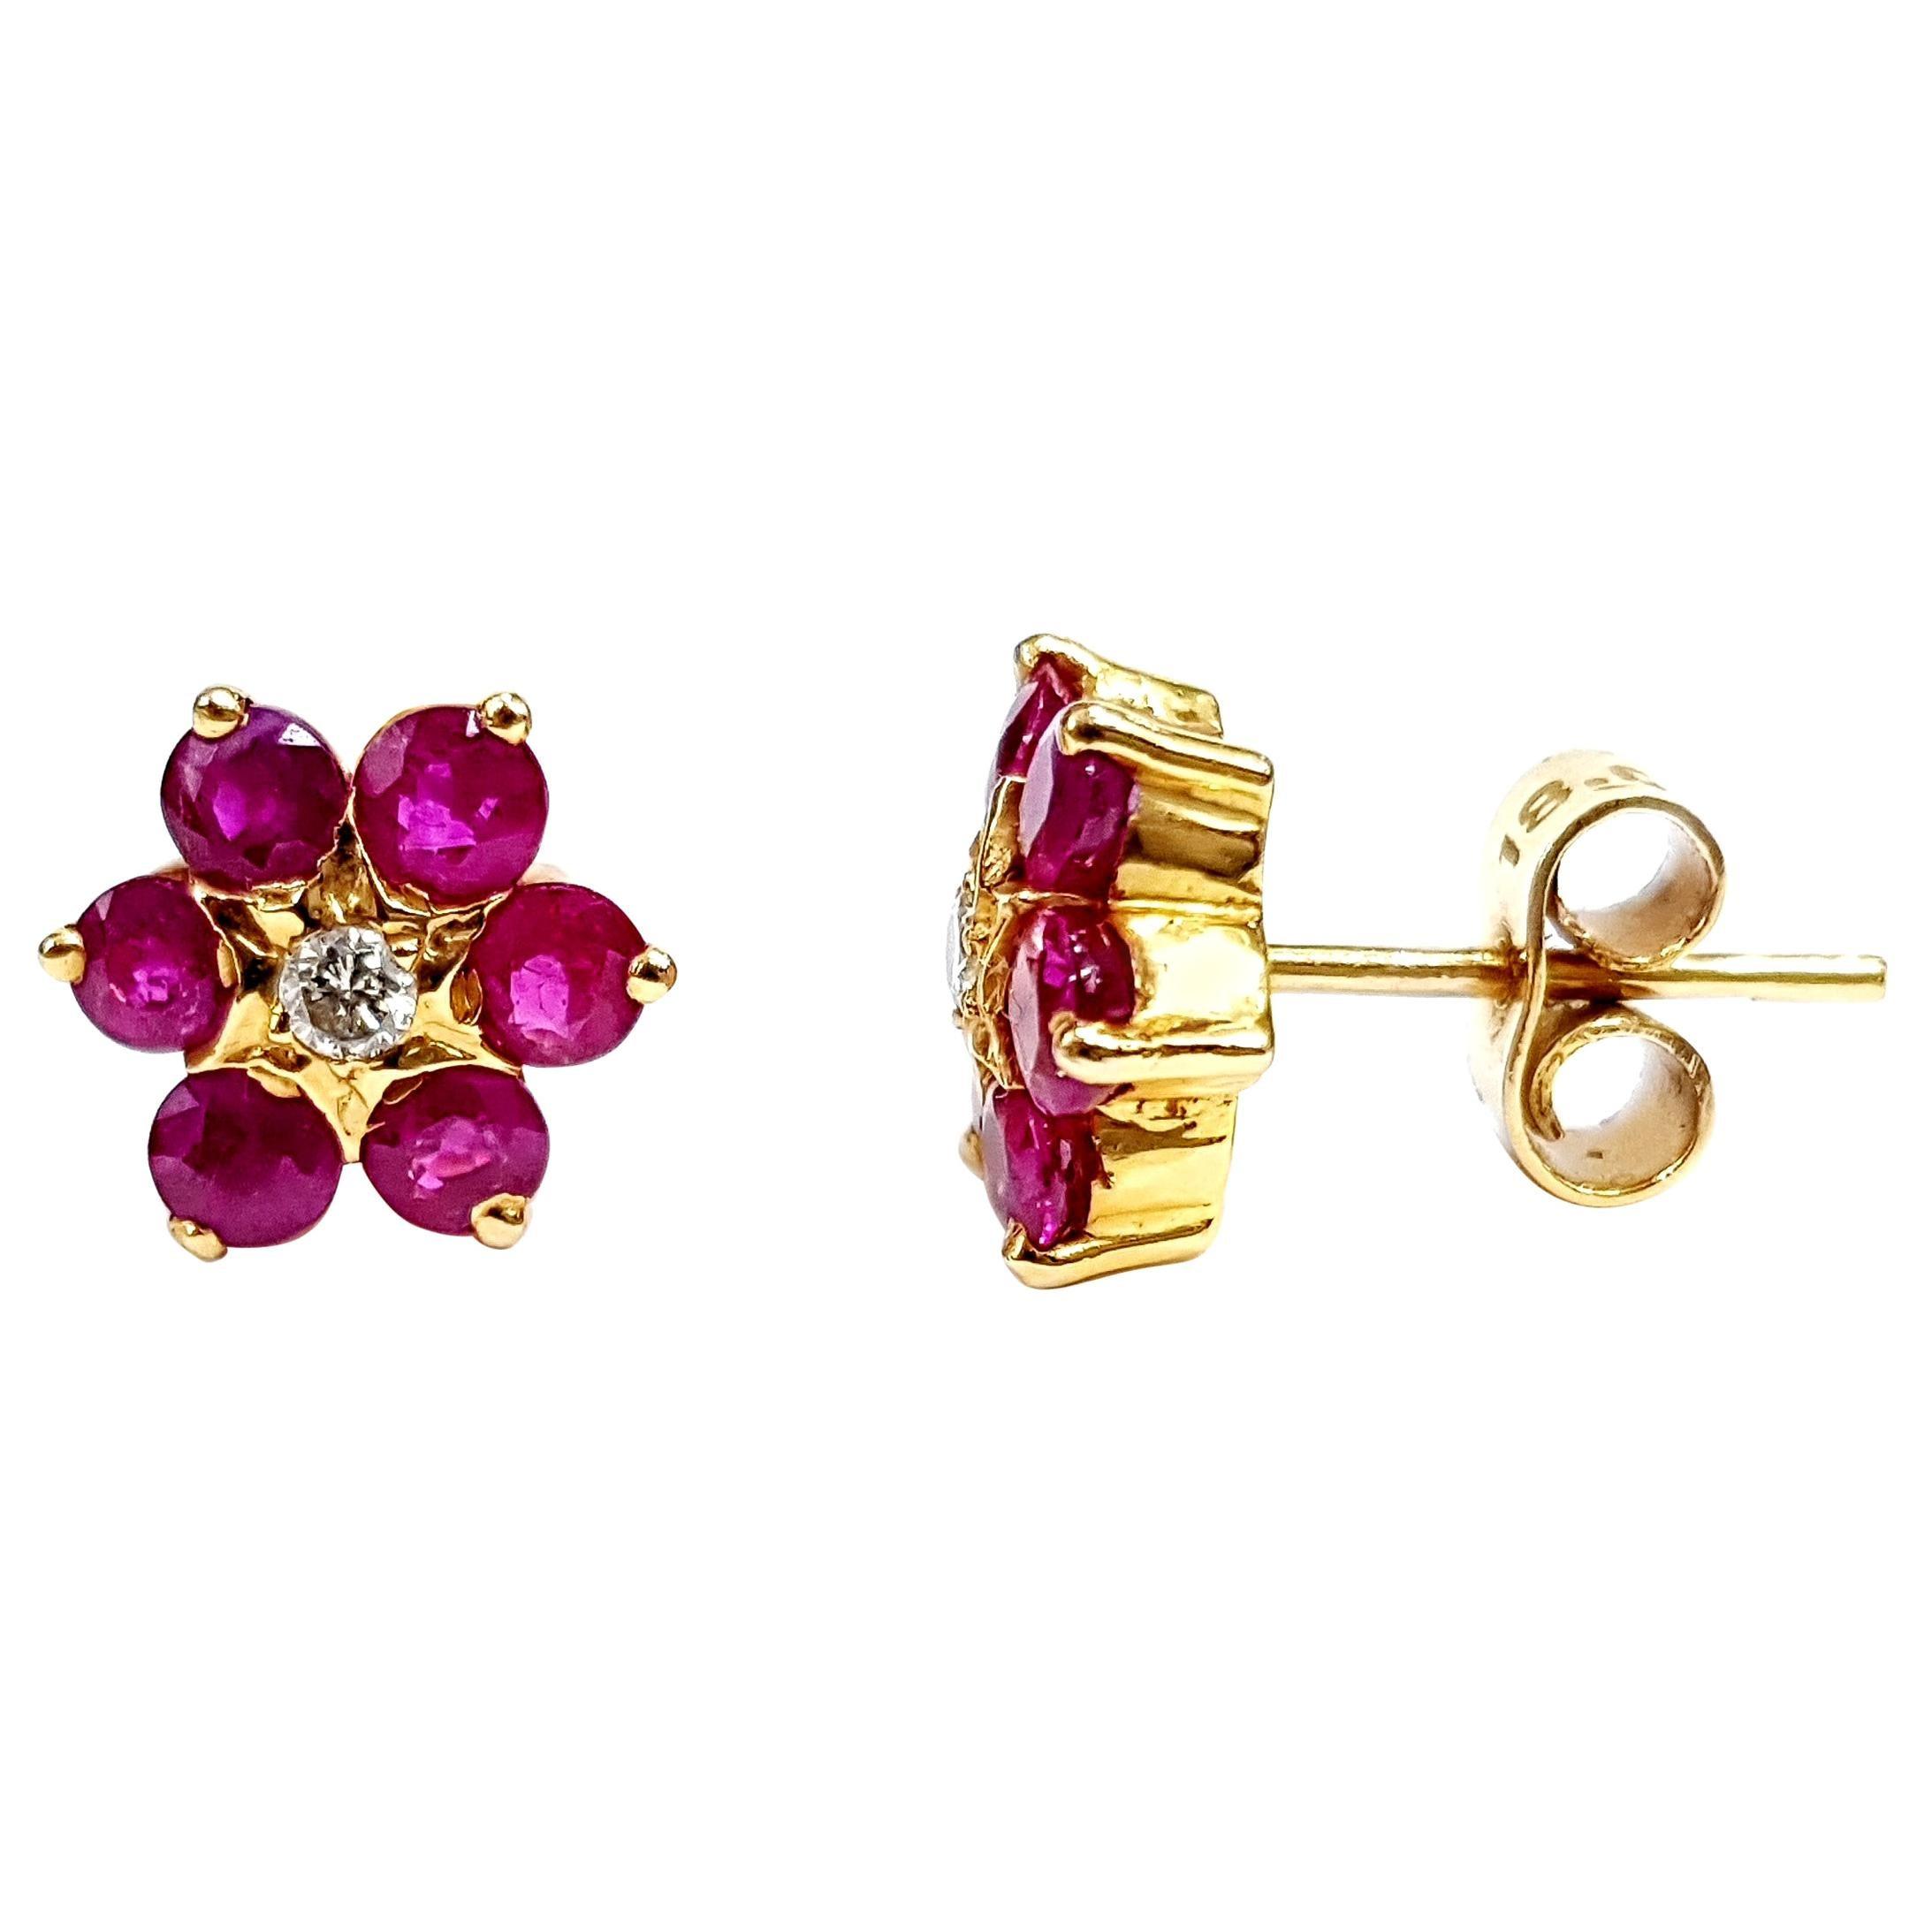 b357efb1f Diamond Ruby Handmade Daisy Flower 18 Karat Gold Cluster Artisan Stud  Earrings For Sale at 1stdibs